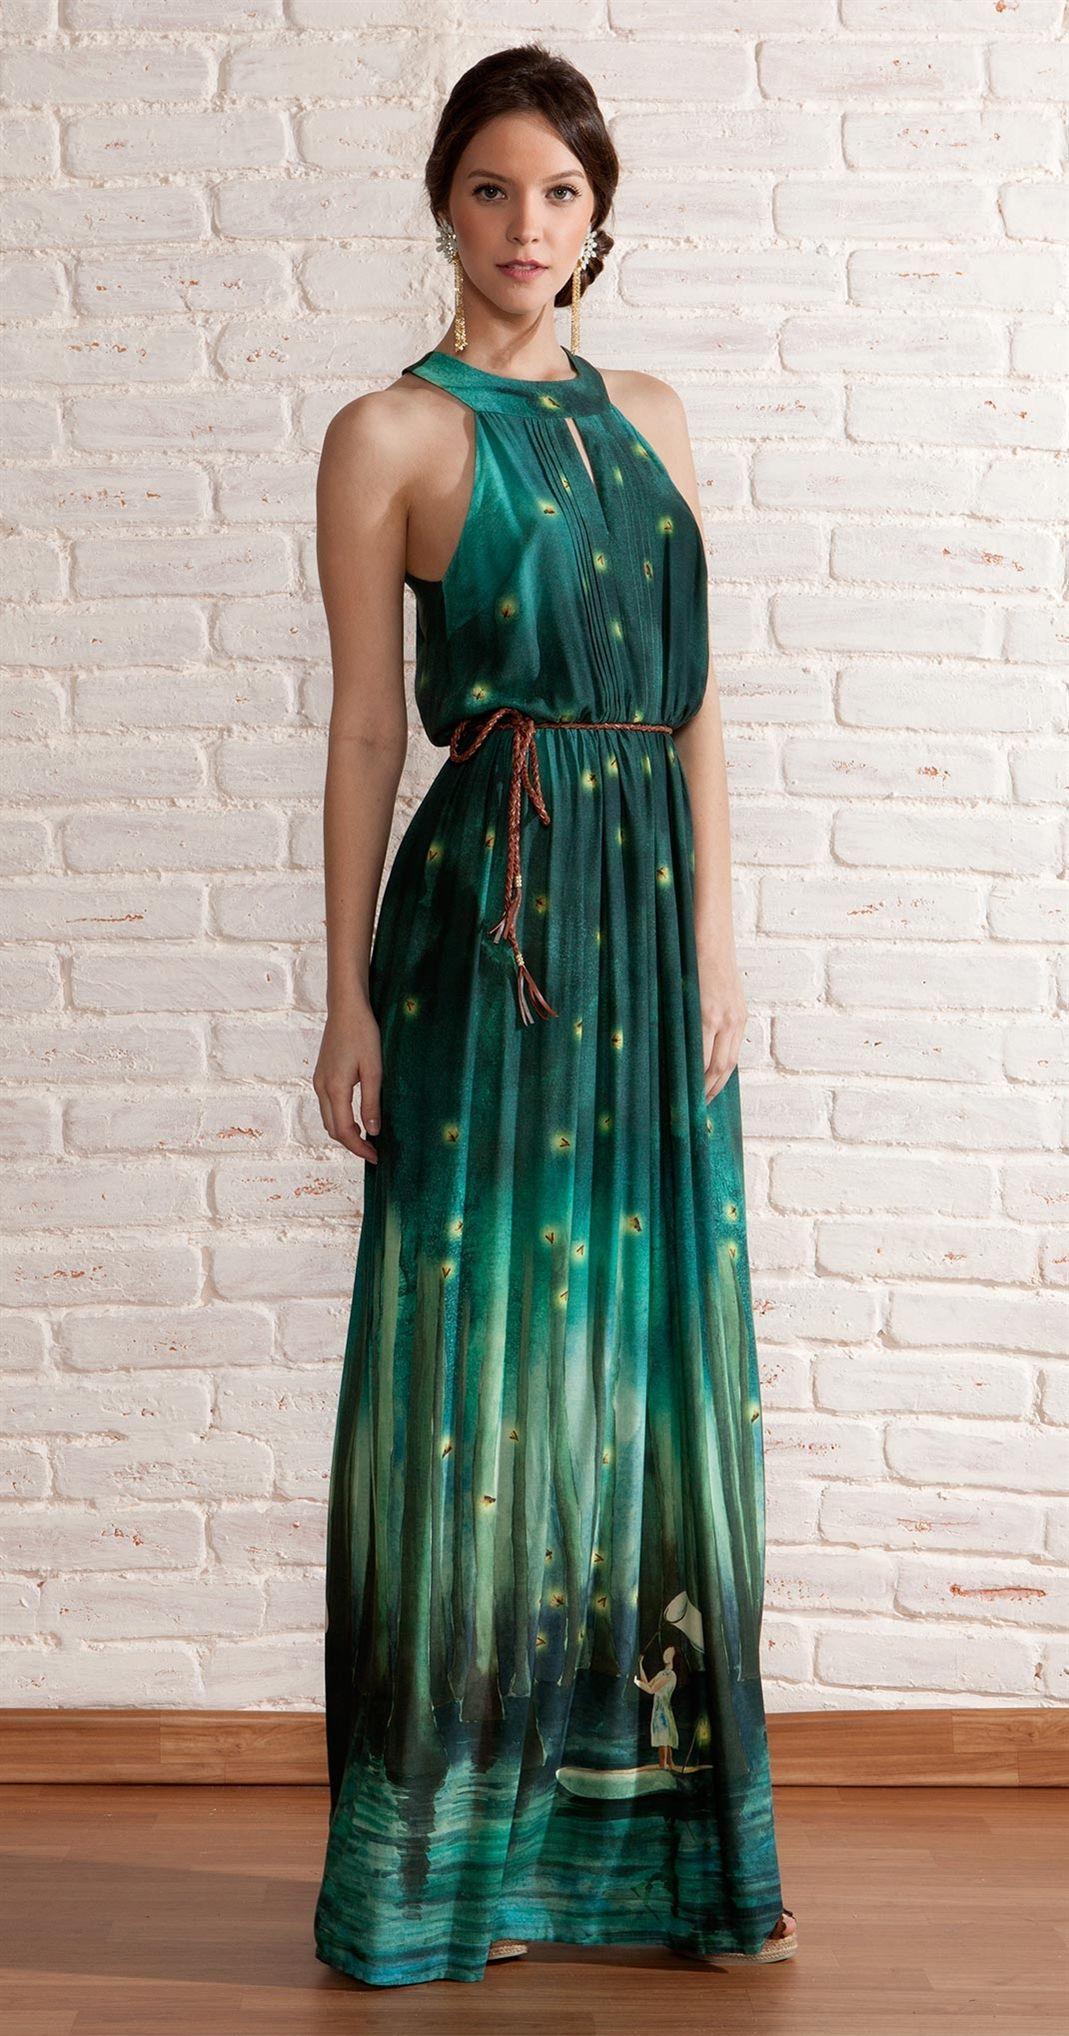 Vestido Longo Caçador de Vagalume | vestidos | Pinterest ...